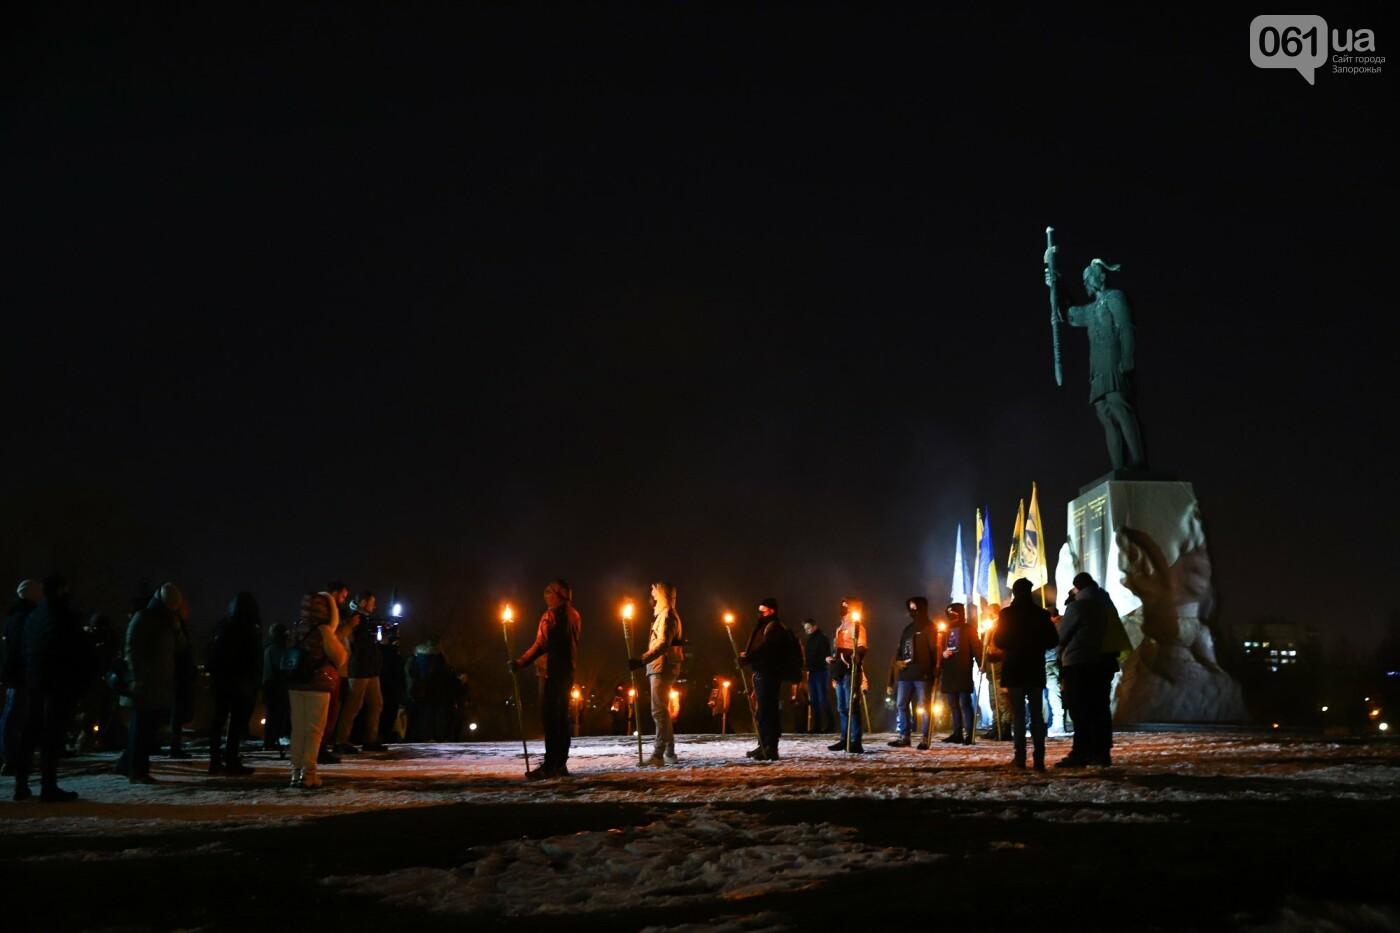 Бои за Широкино: в Запорожье зажгли факела в память о погибших бойцах, - ФОТОРЕПОРТАЖ , фото-17